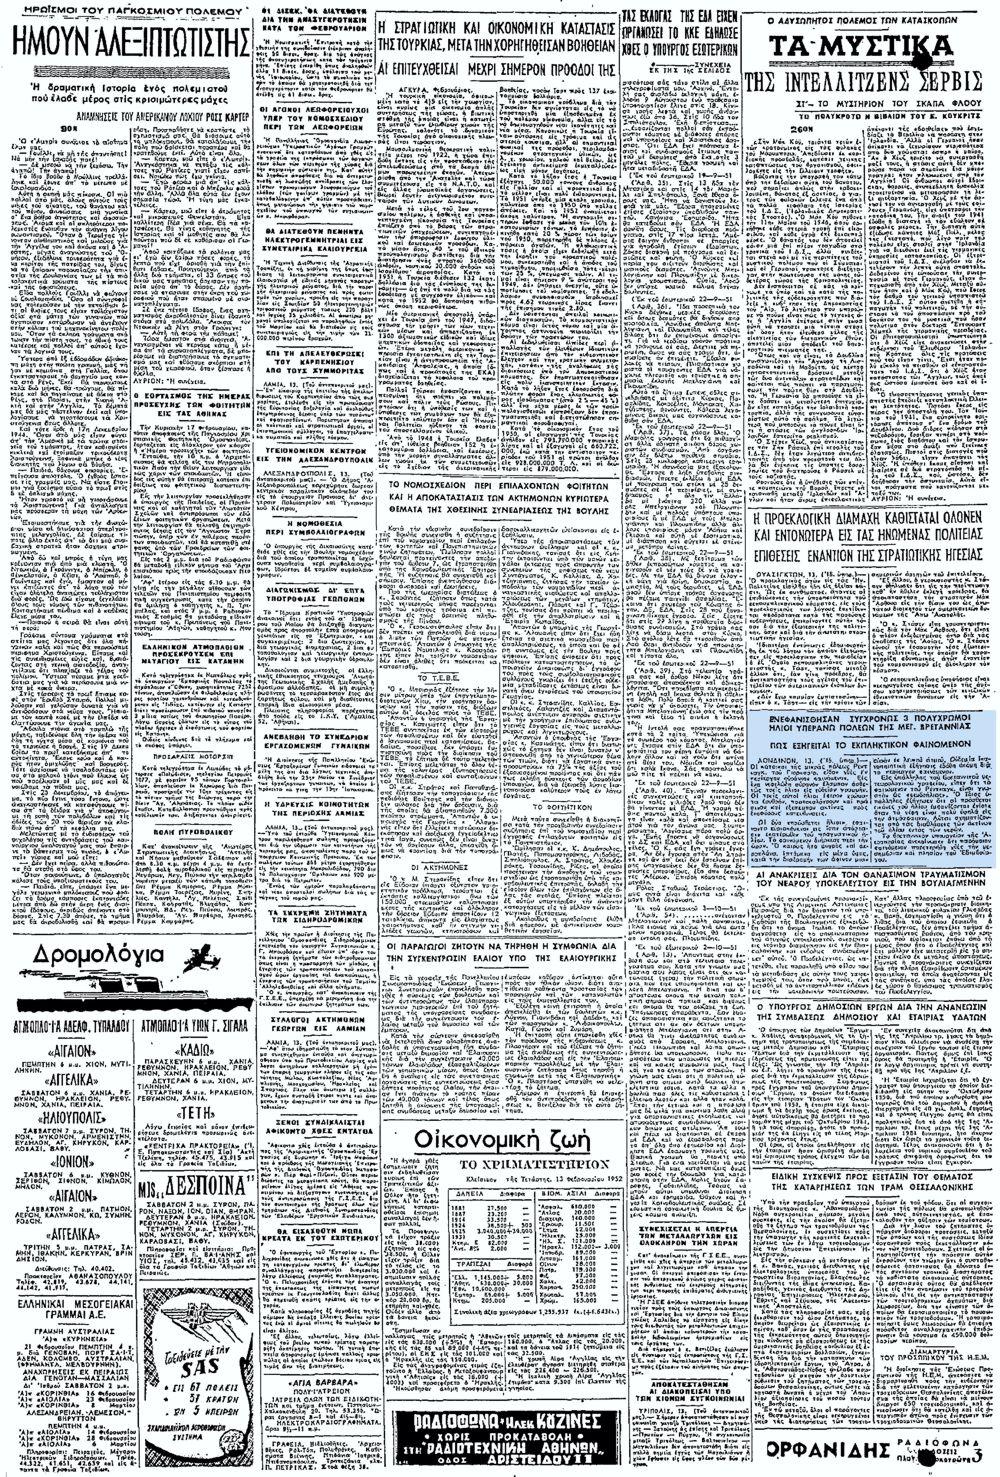 """Το άρθρο, όπως δημοσιεύθηκε στην εφημερίδα """"ΕΛΕΥΘΕΡΙΑ"""", στις 14/02/1952"""